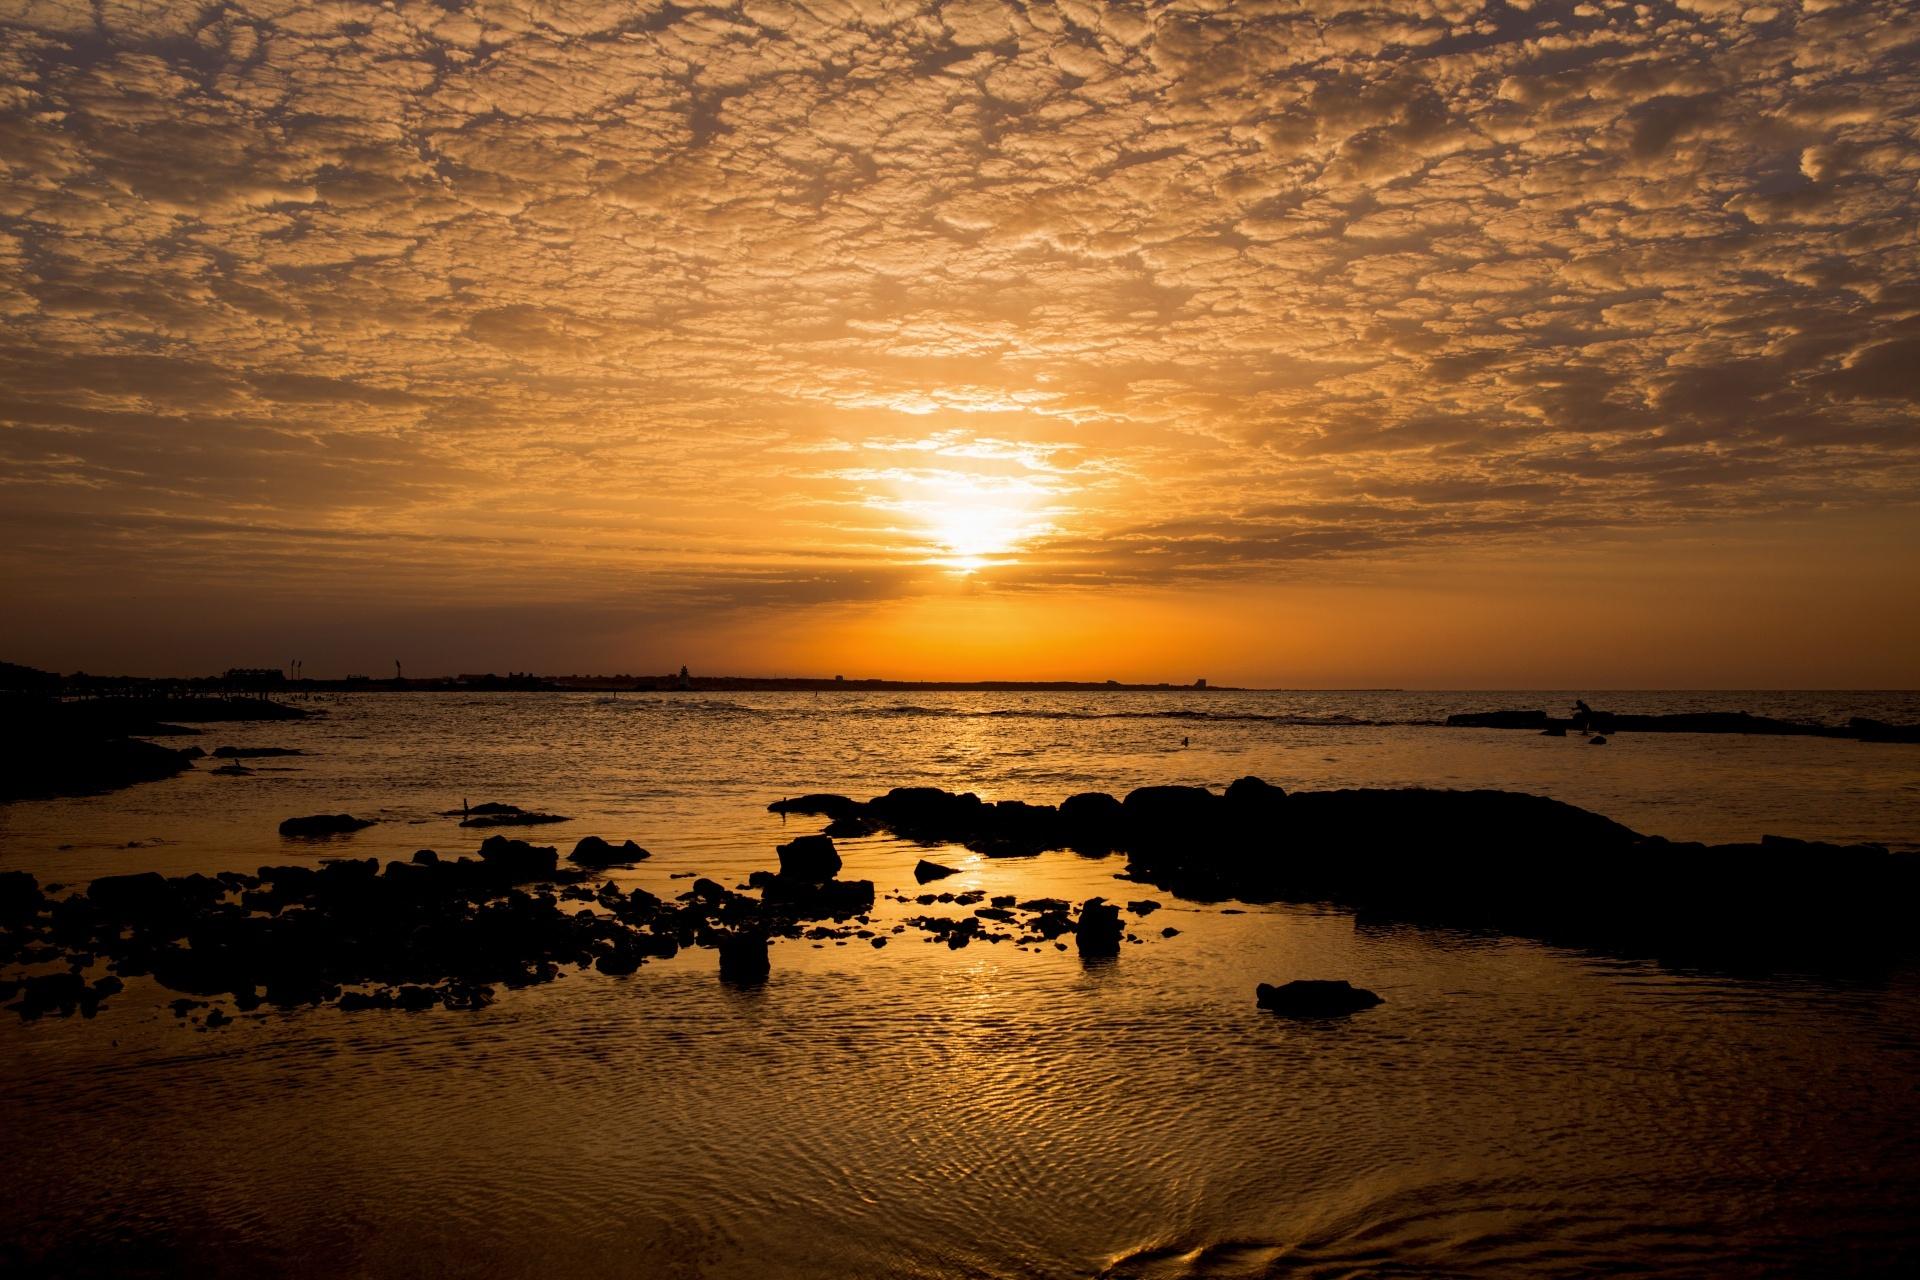 夕陽と海の風景 アゼルバイジャンの風景